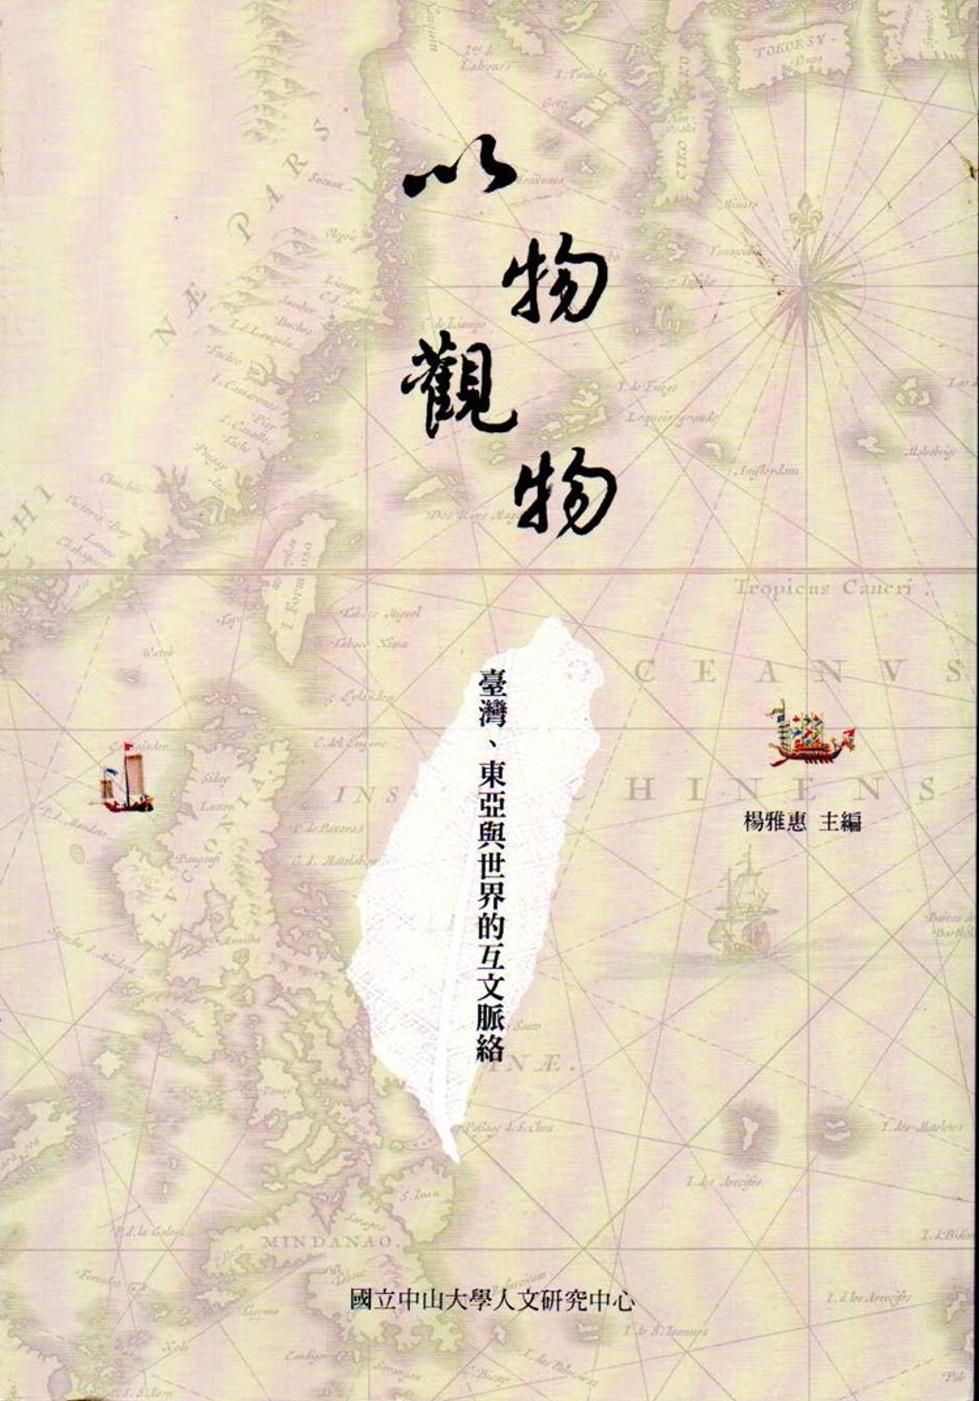 以物觀物:臺灣、東亞與世界的互文脈絡